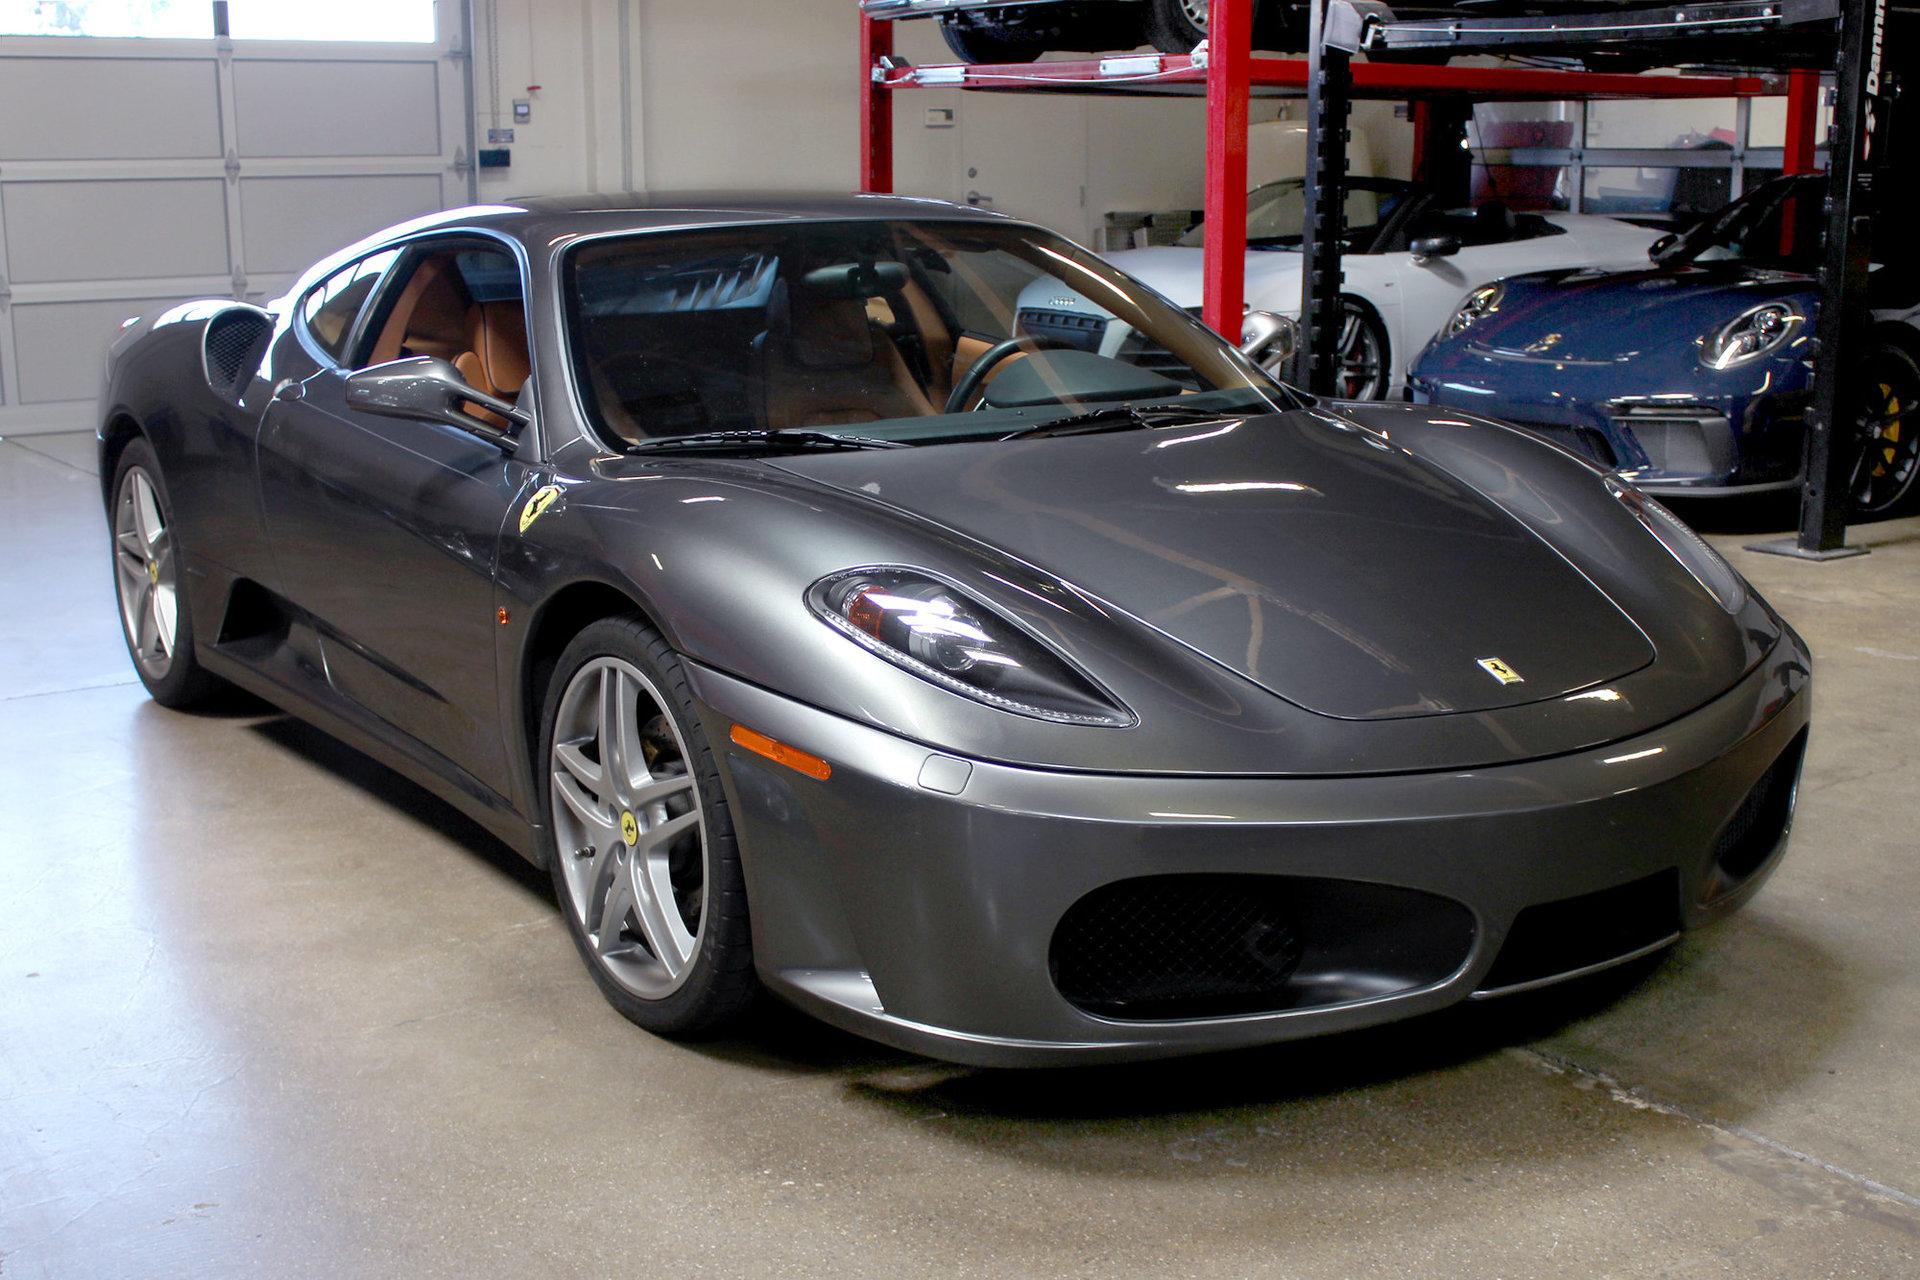 35429d04743eb hd 2007 ferrari f430